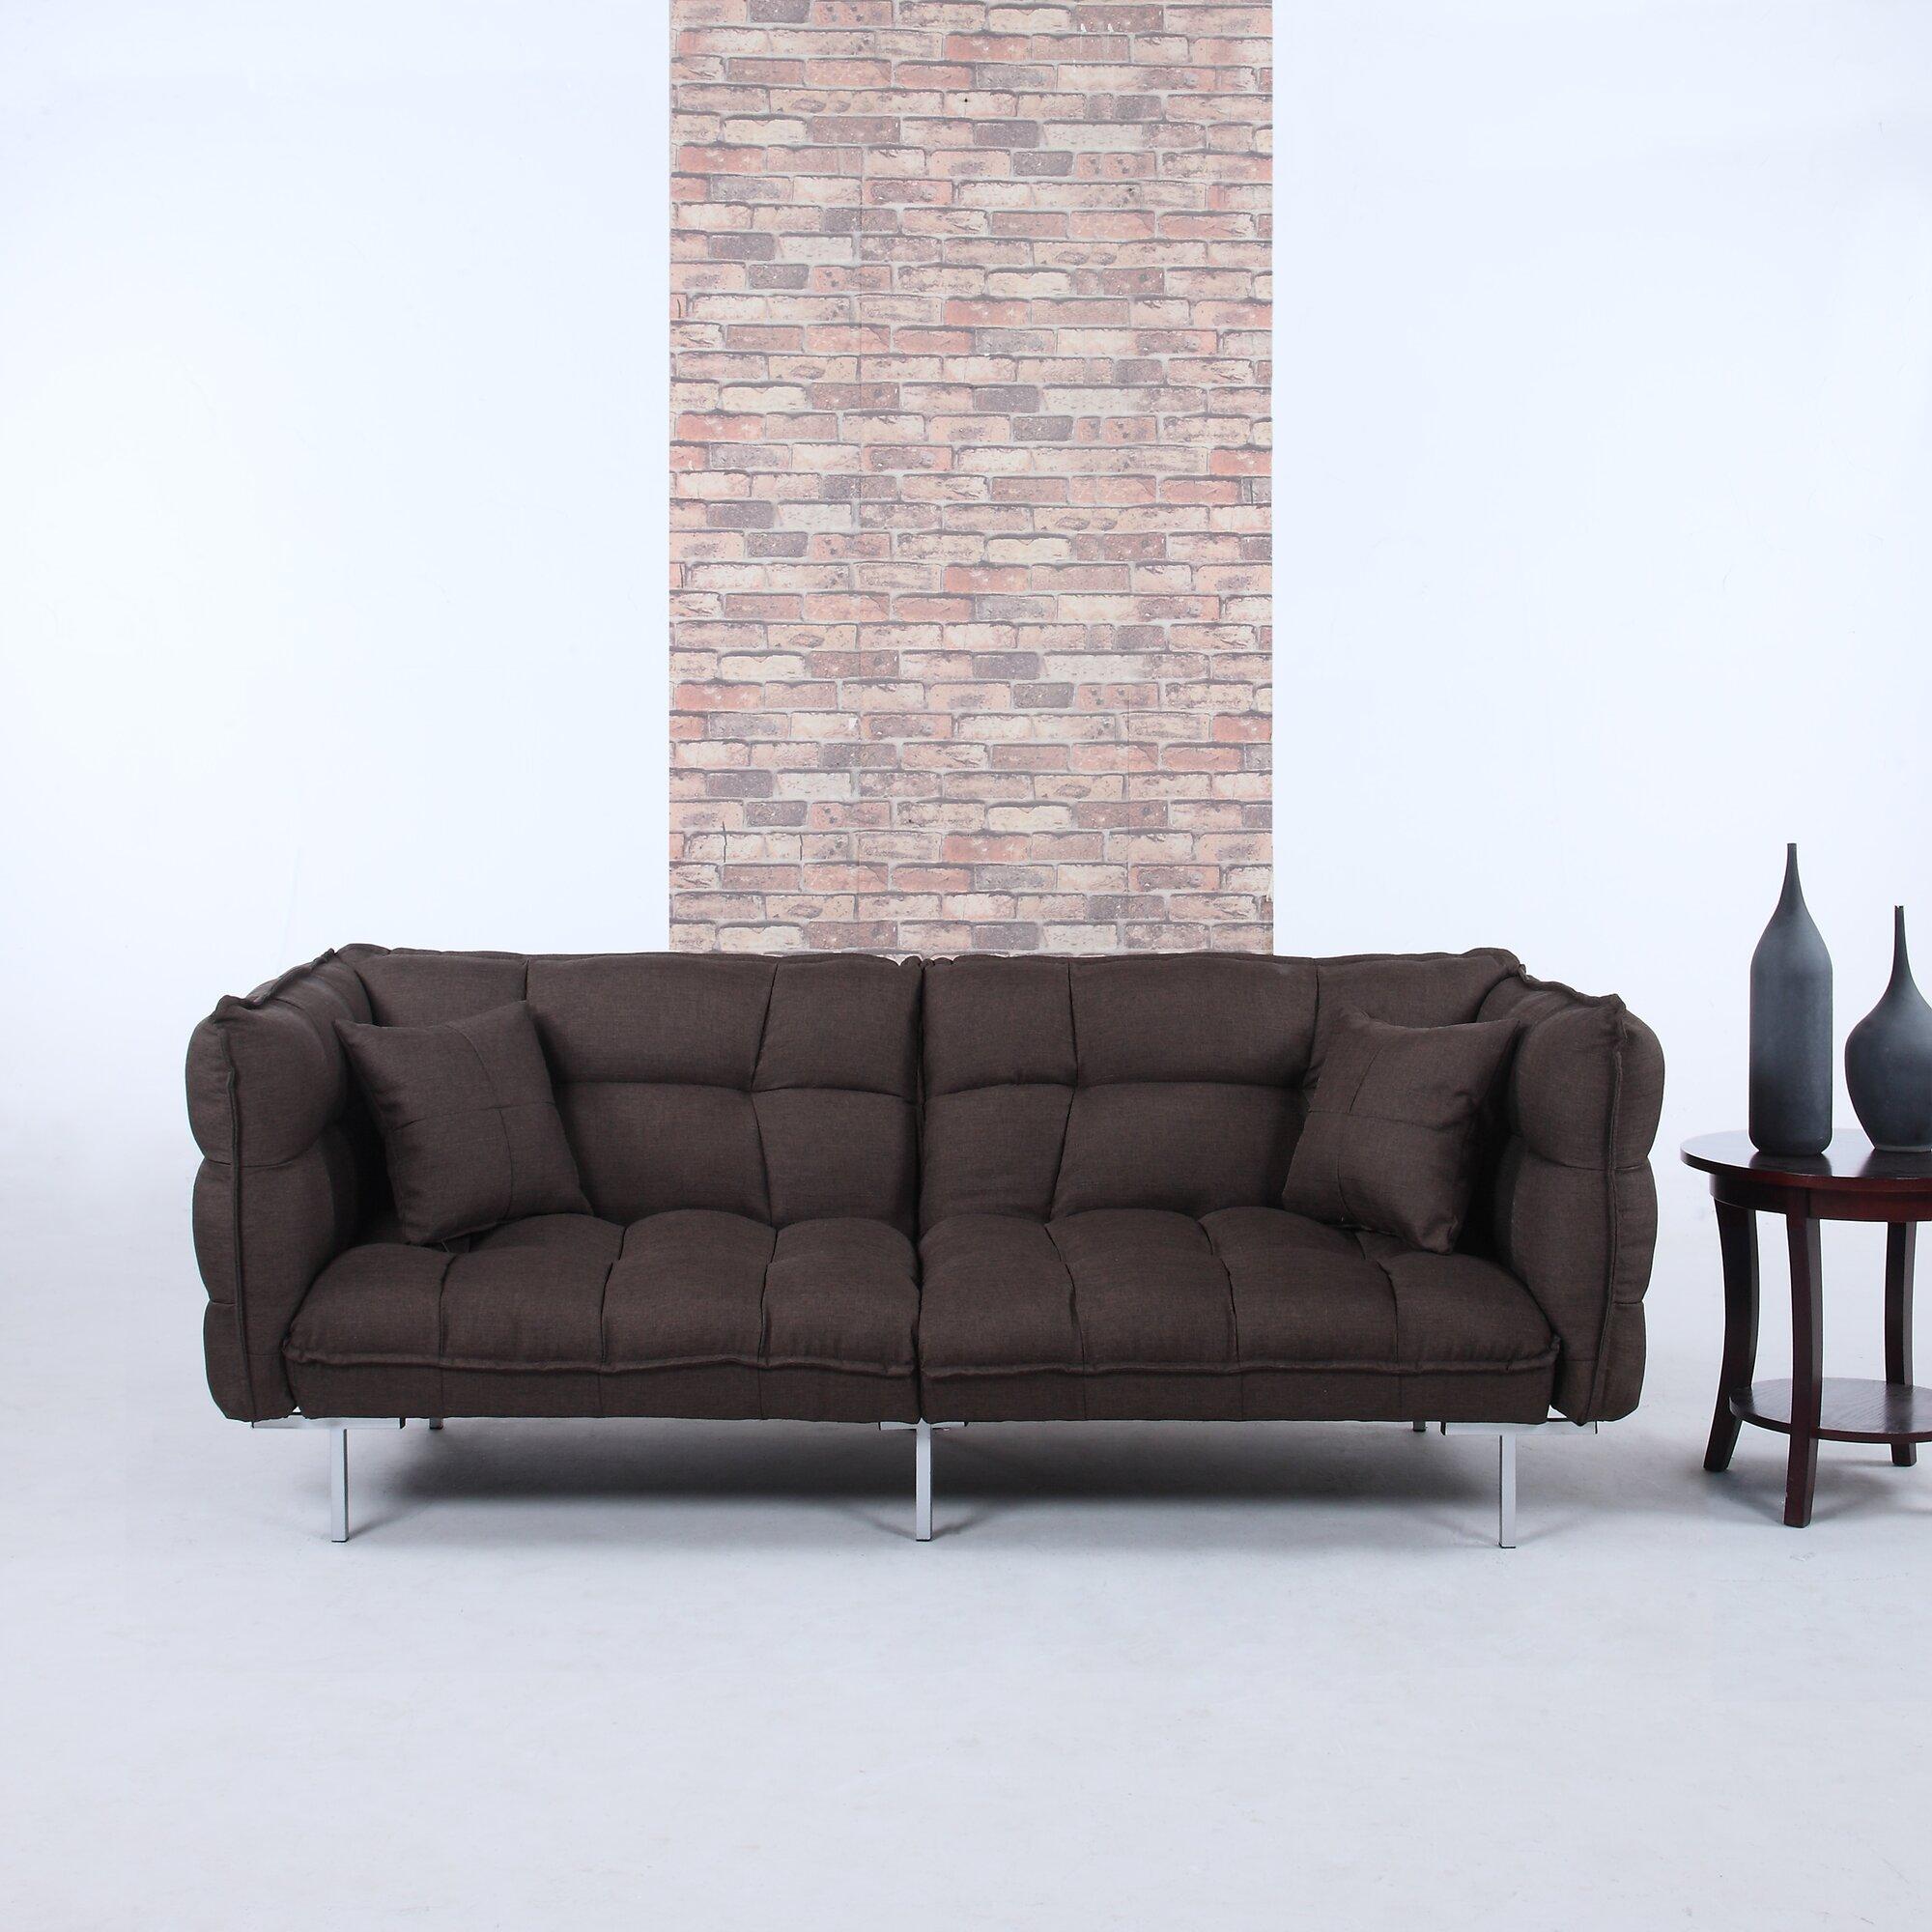 Madison Home Usa Modern Plush Tufted Linen Splitback Living Room Sleeper Sofa Wayfair